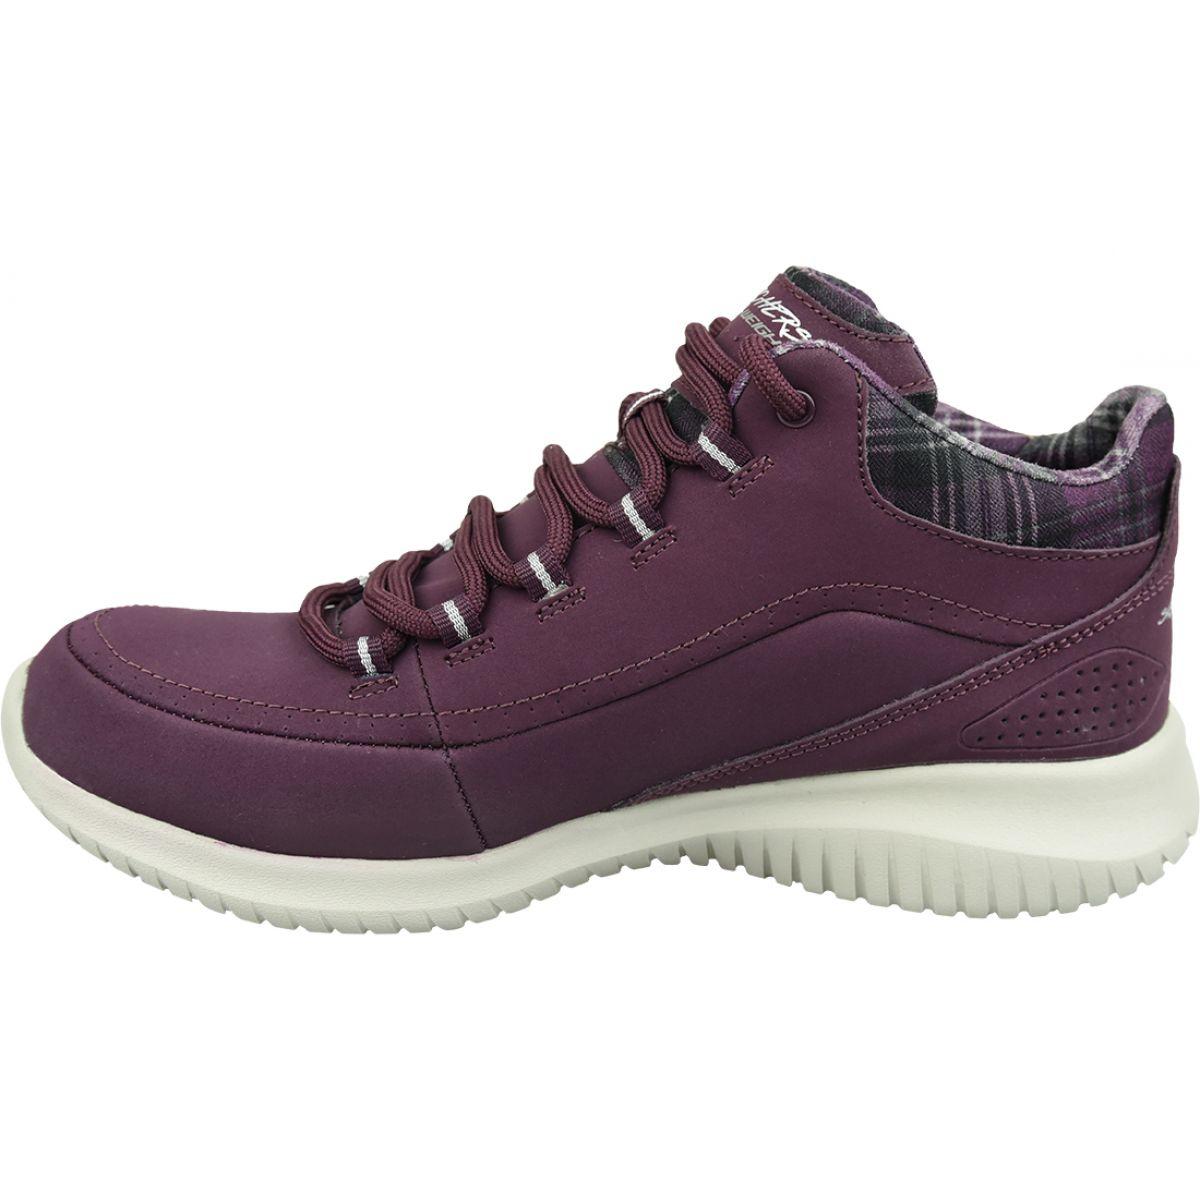 Skechers Ultra Flex W 12918-BURG shoes